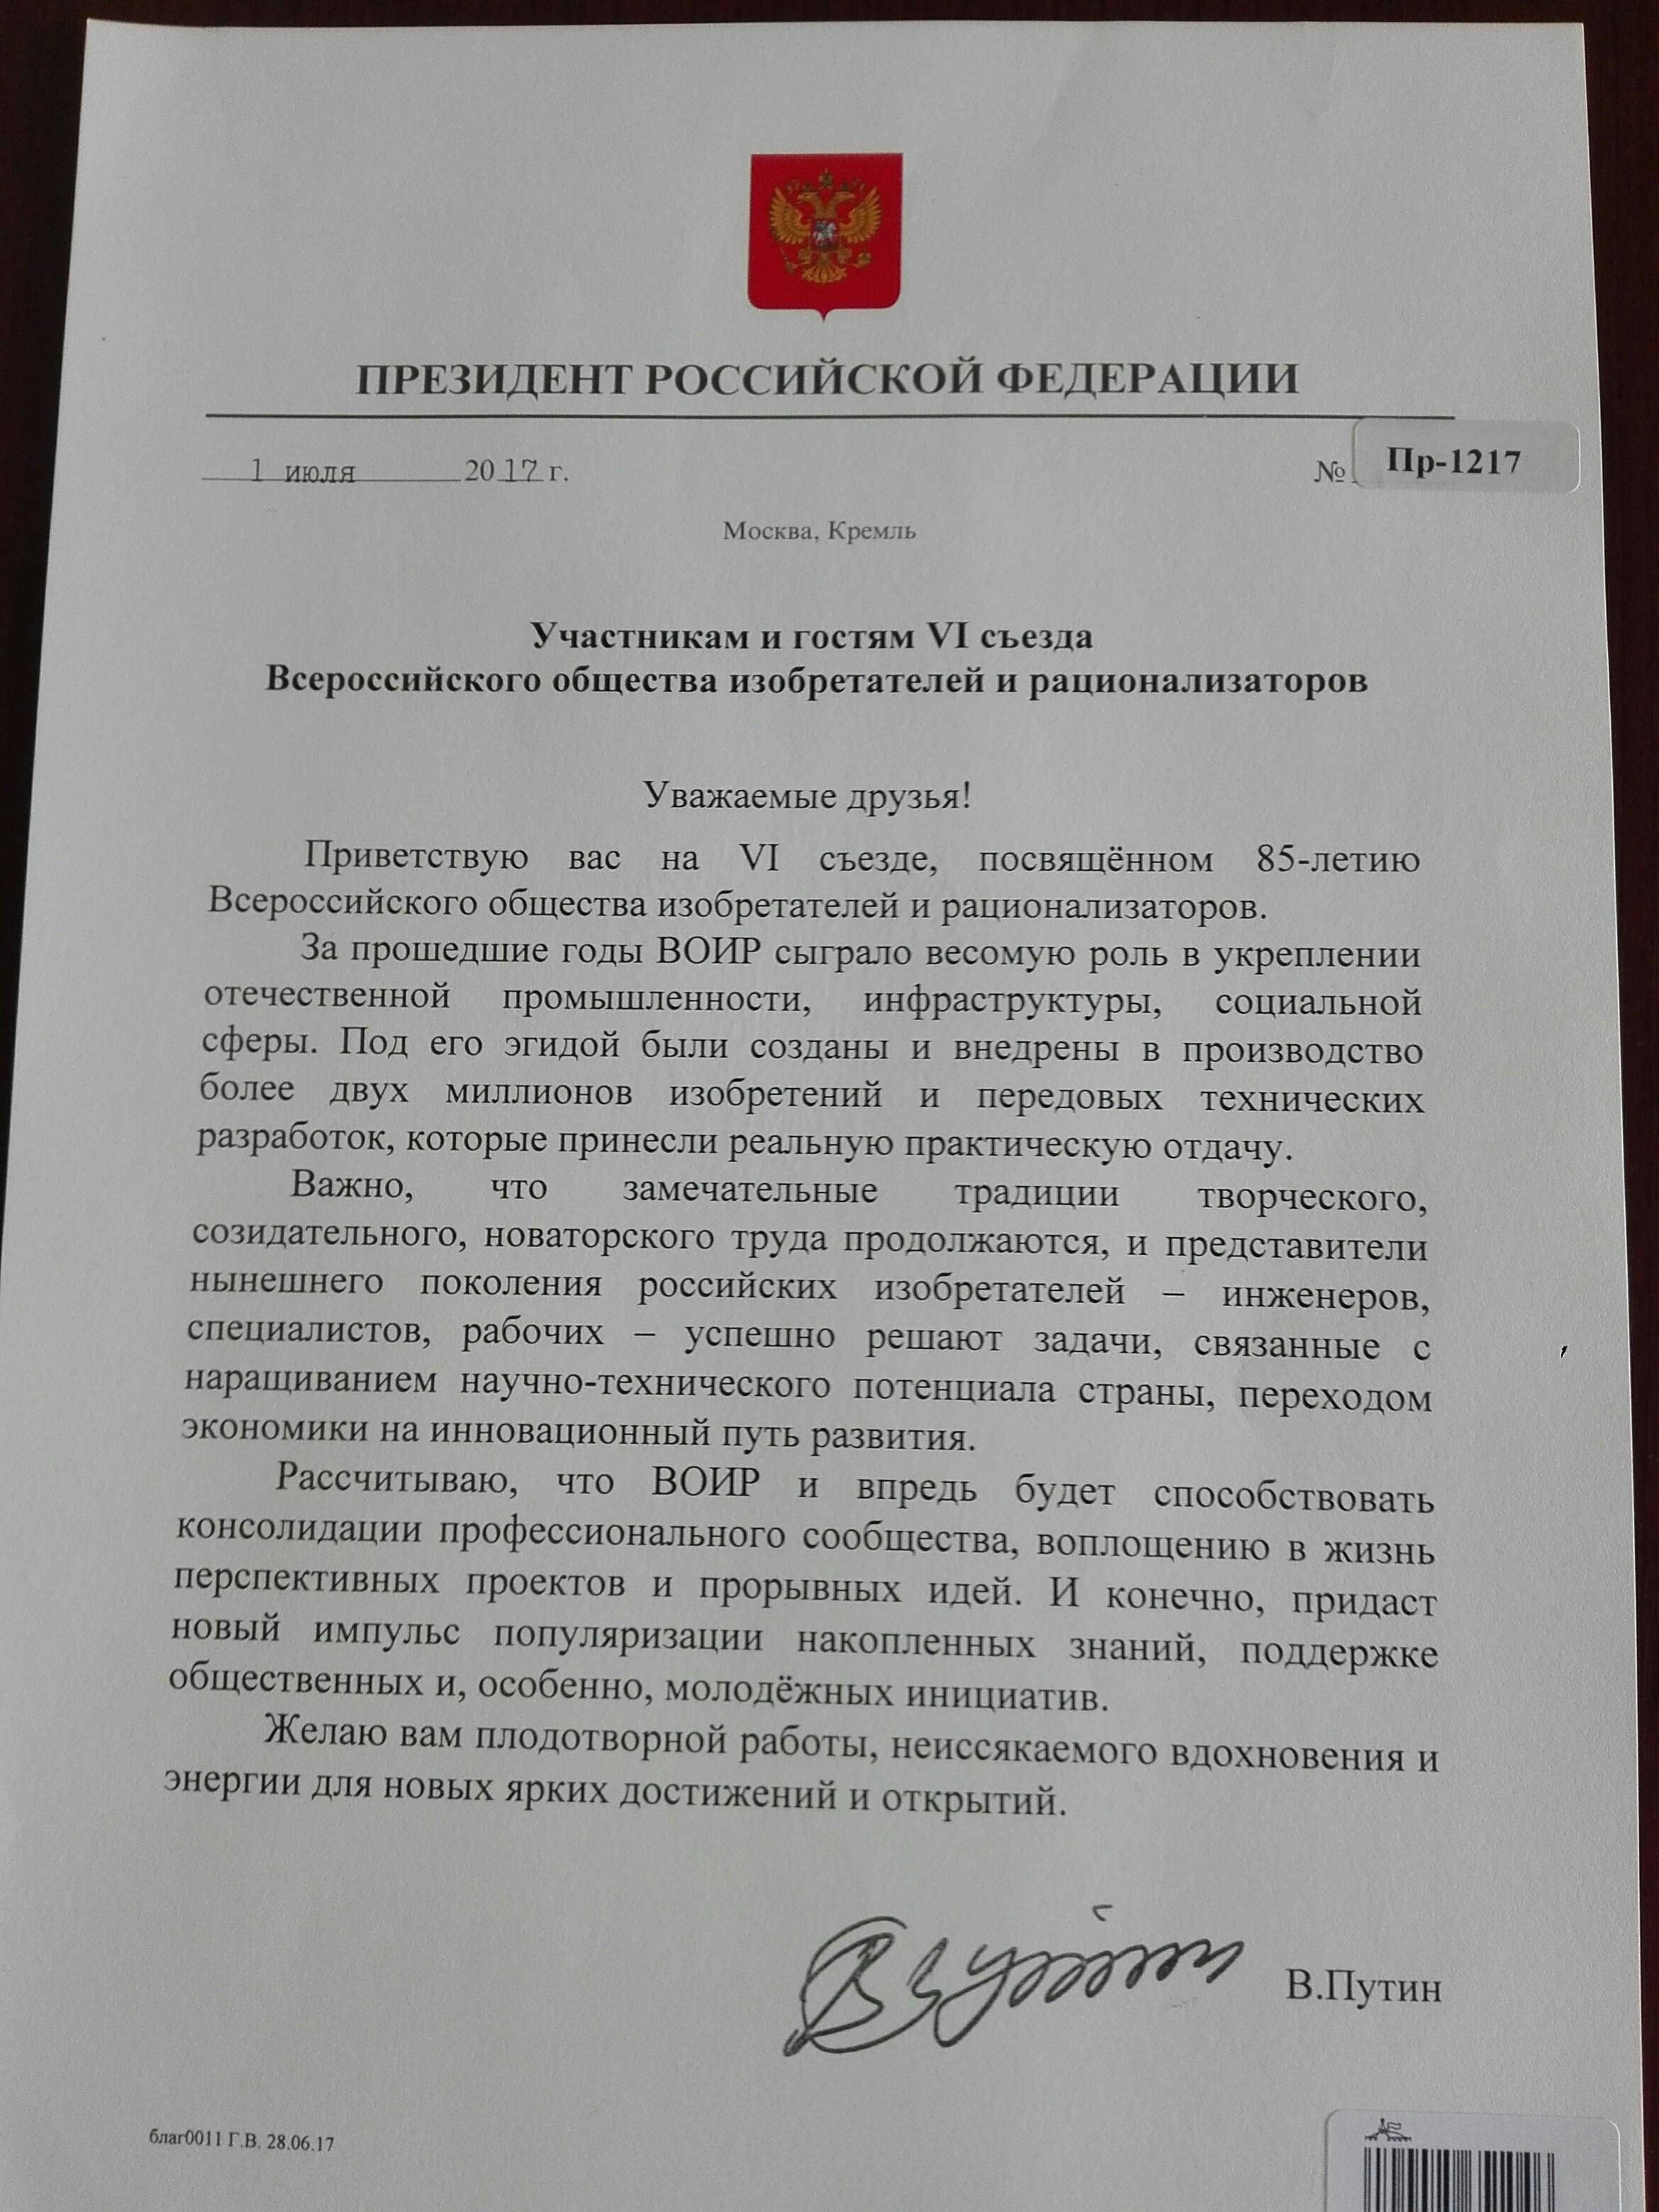 Приветствие от В.В. Путина ВОИР